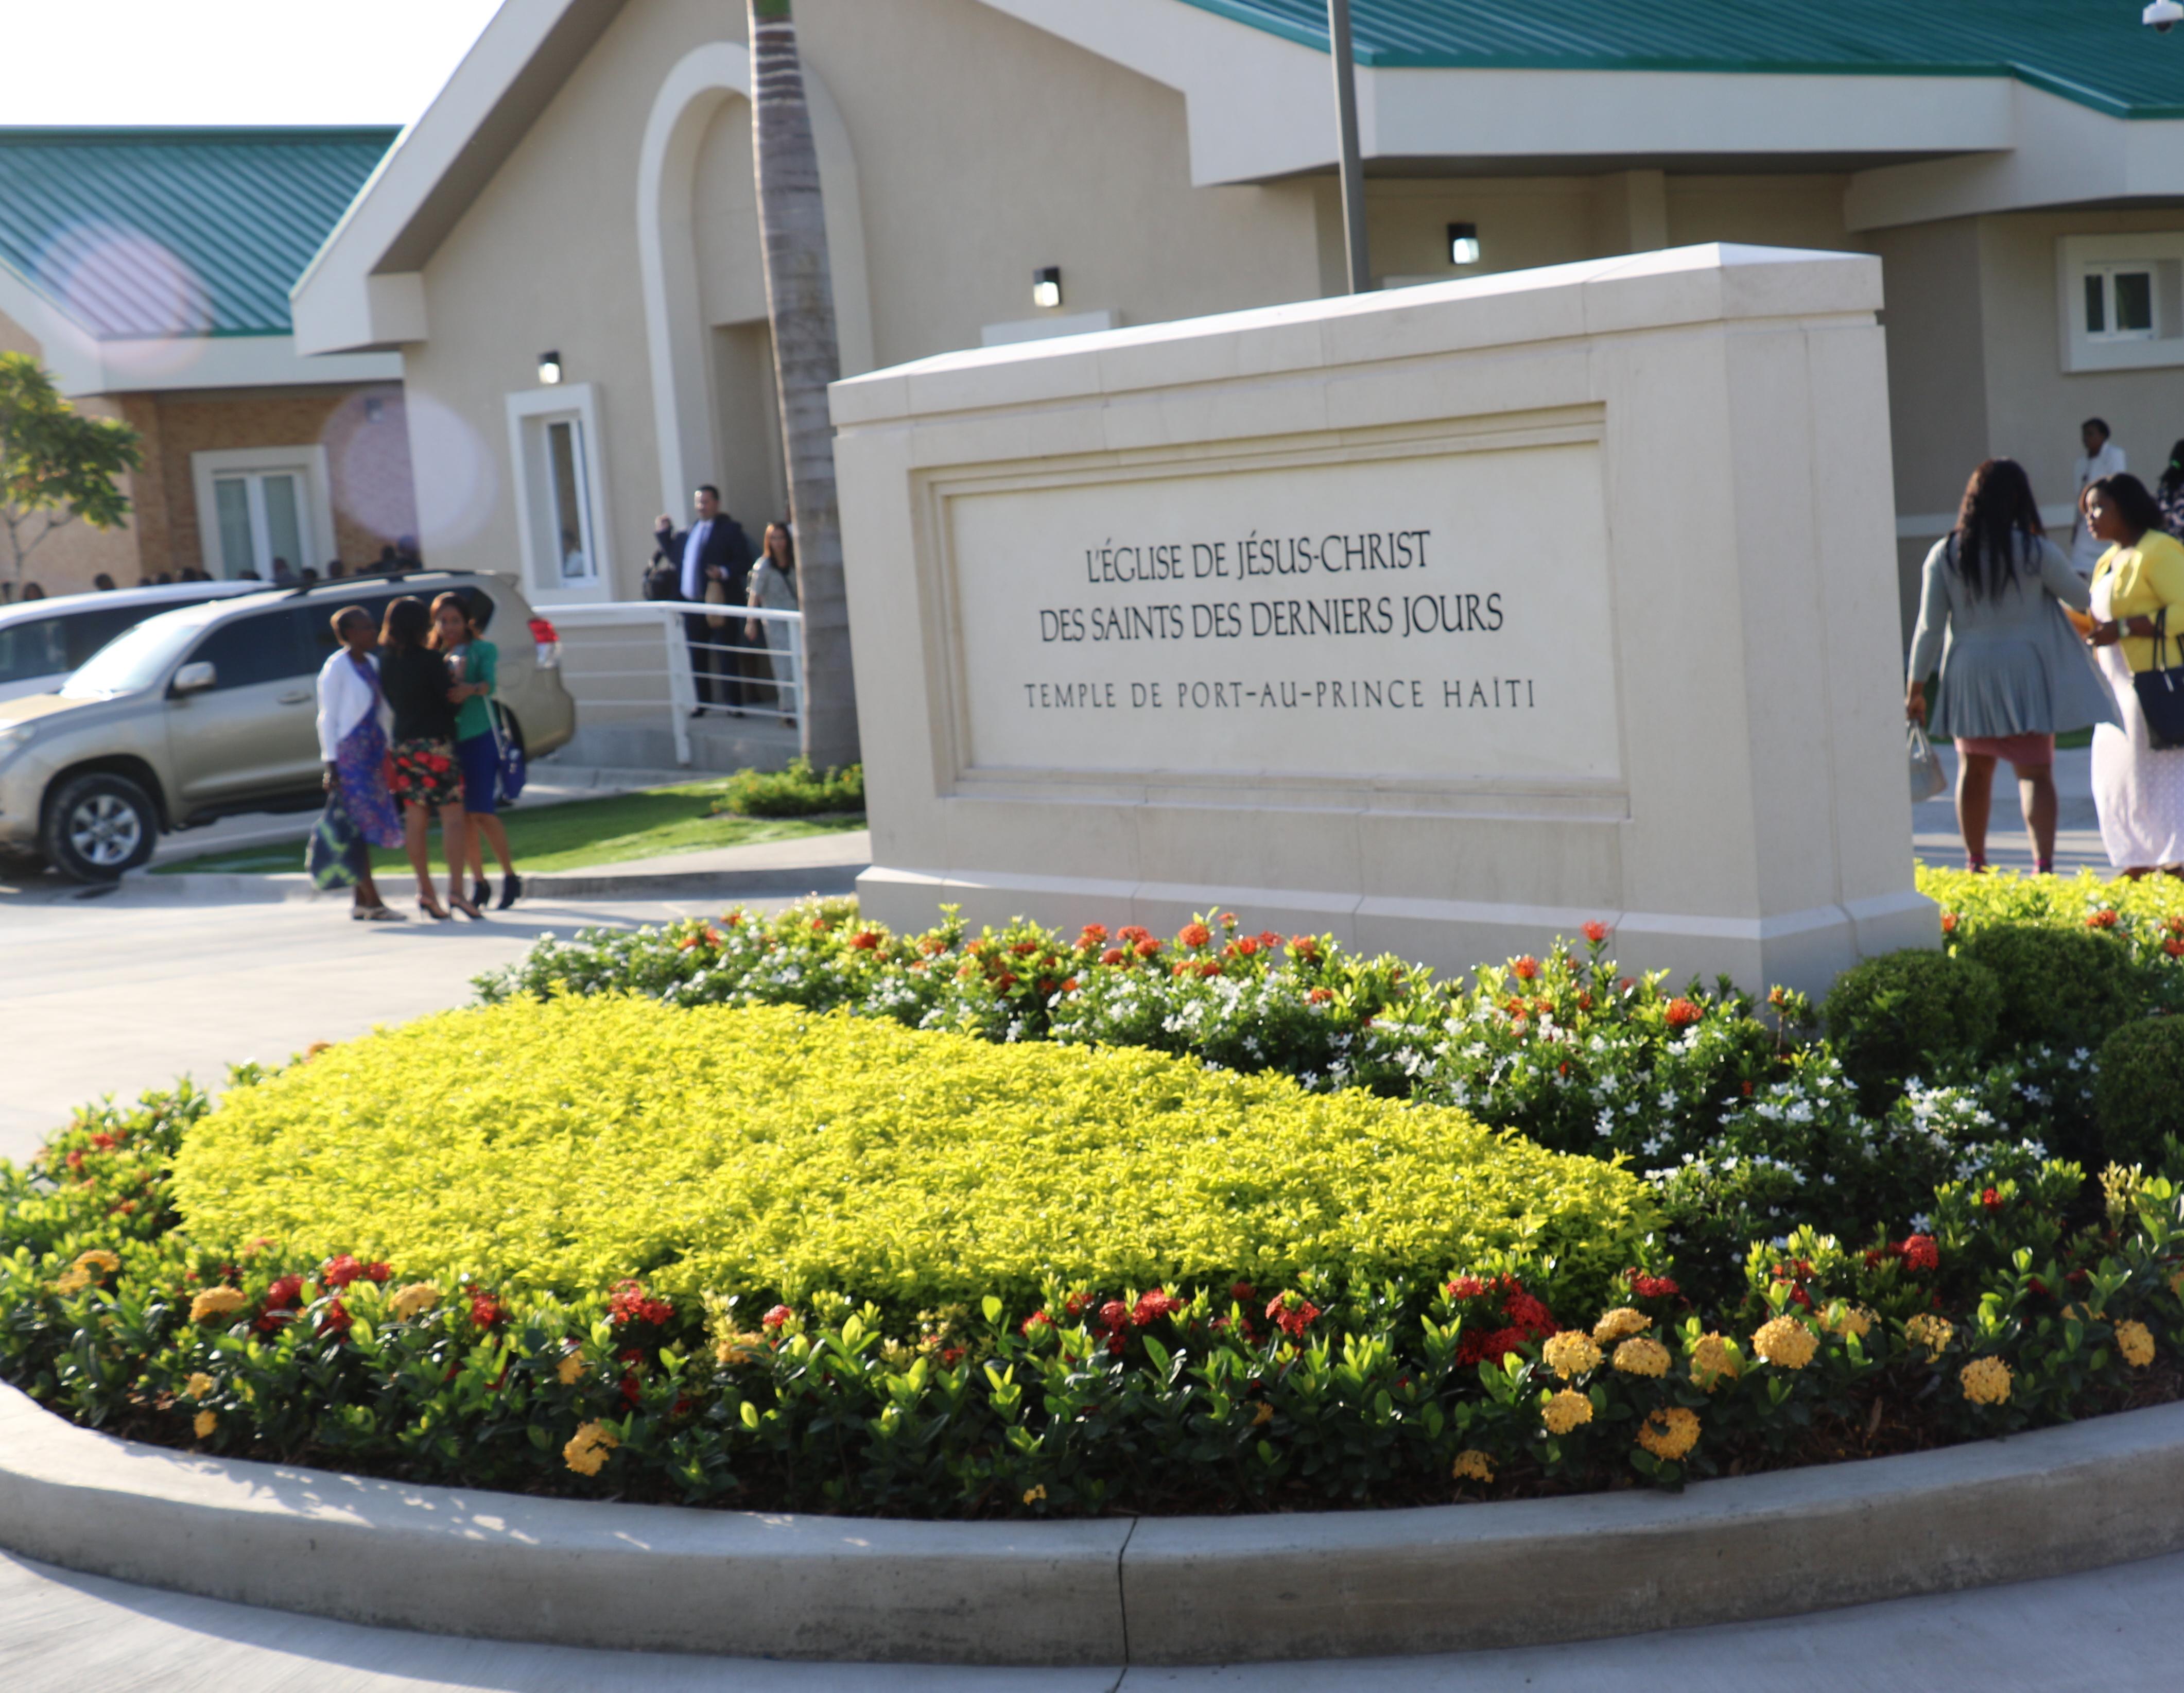 El letrero a la entrada del Templo de Puerto Príncipe Haití el día de su dedicación, el 1 de septiembre de 2019.